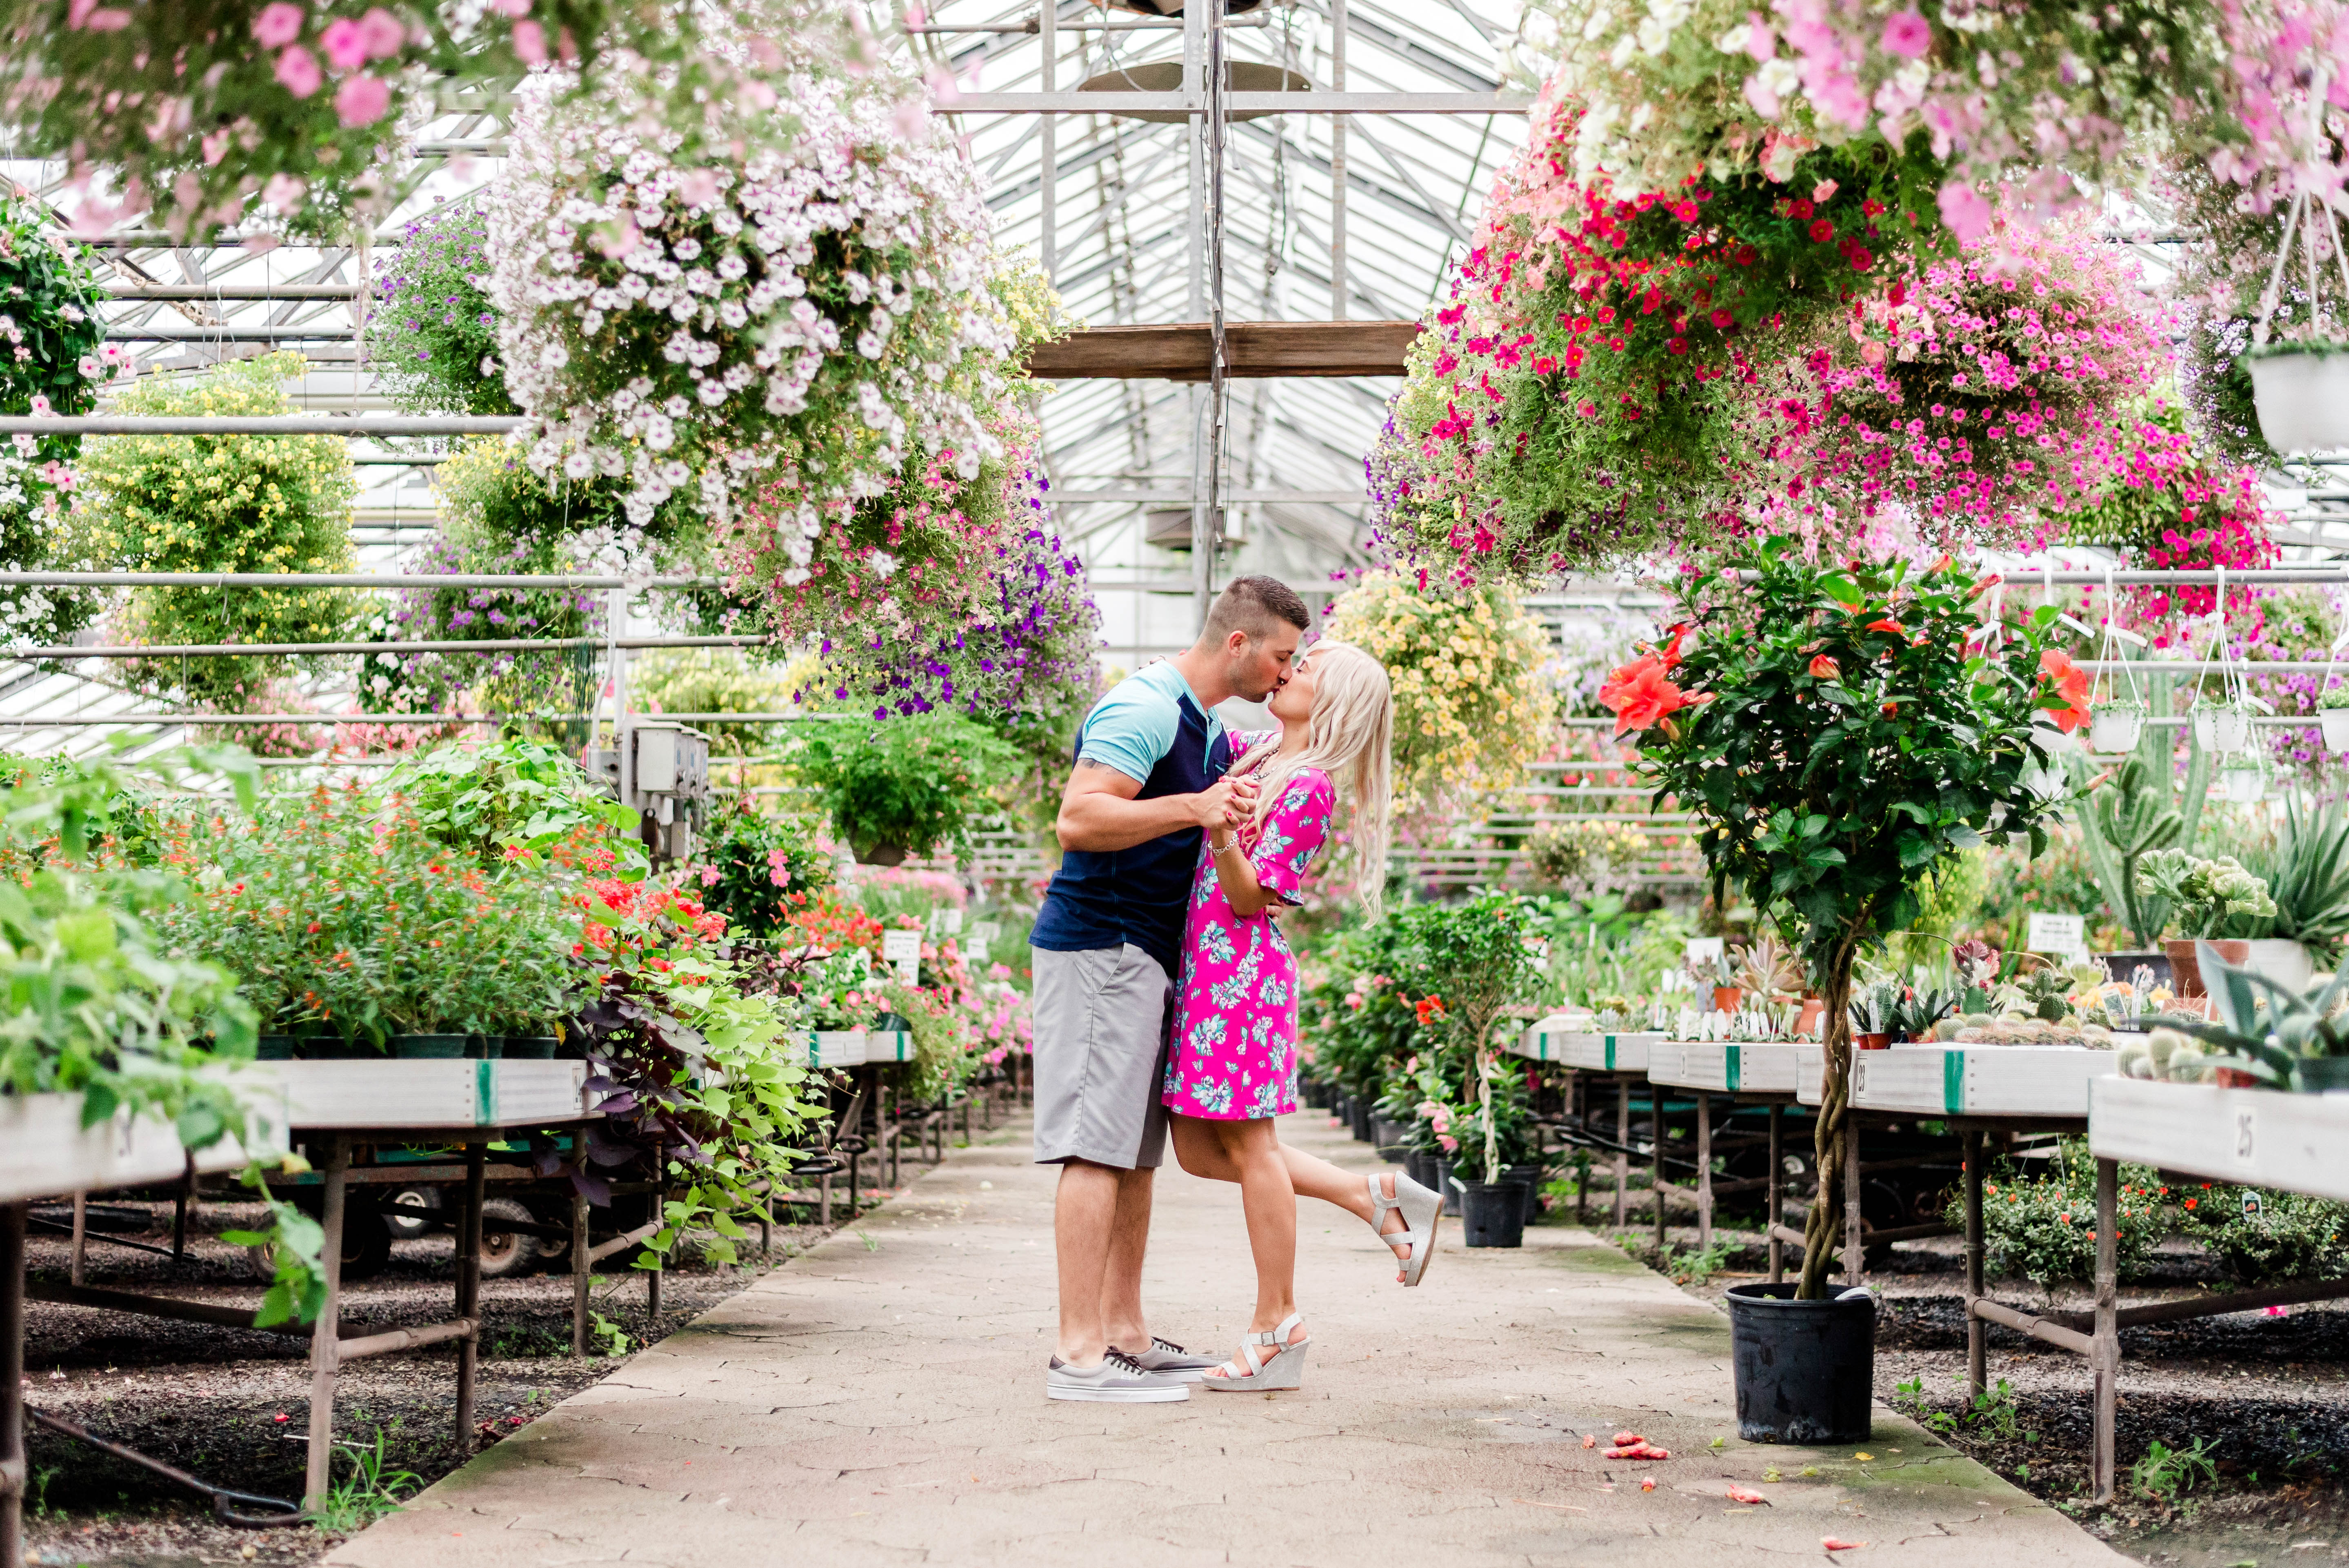 20180722-otts-gardens-engagement-andrea-